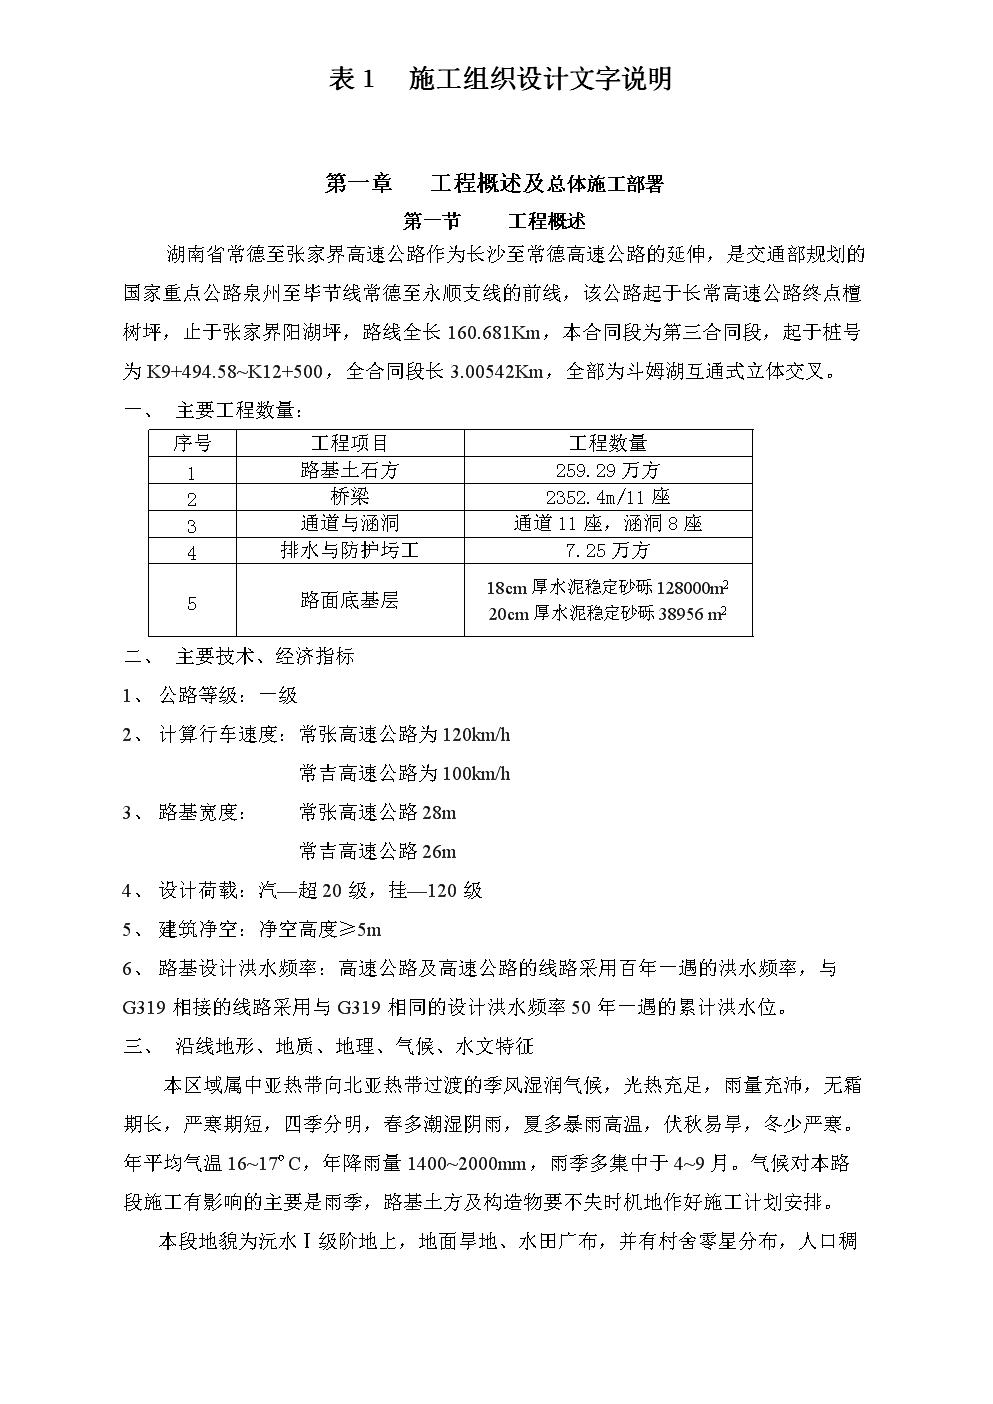 《施工组织设计范本》-毕业论文(设计).doc